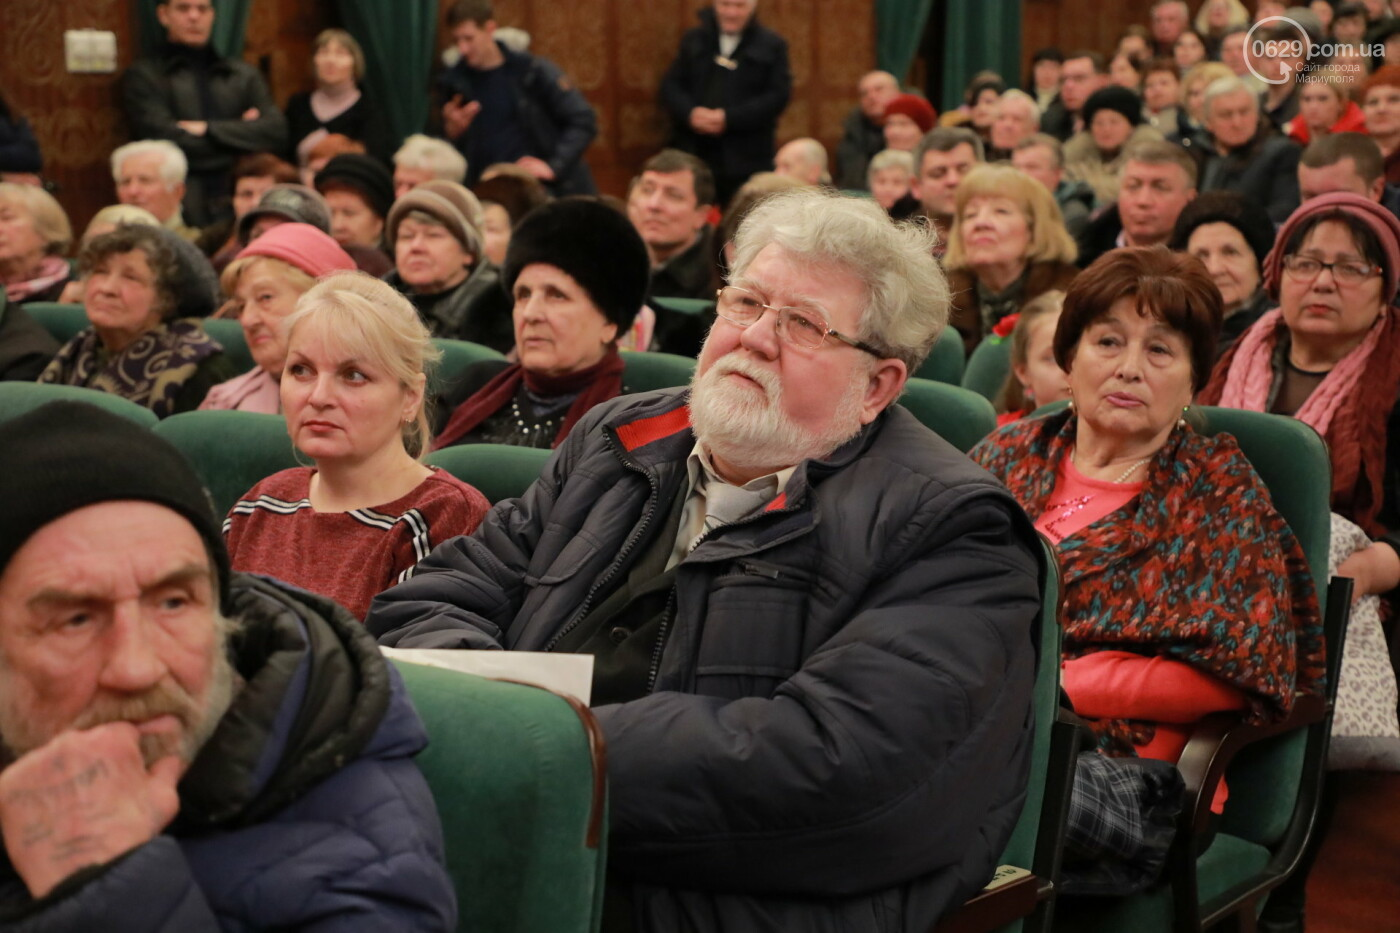 Кандидат в президенты Сергей Тарута начал свою официальную кампанию с визита в Мариуполь , фото-5